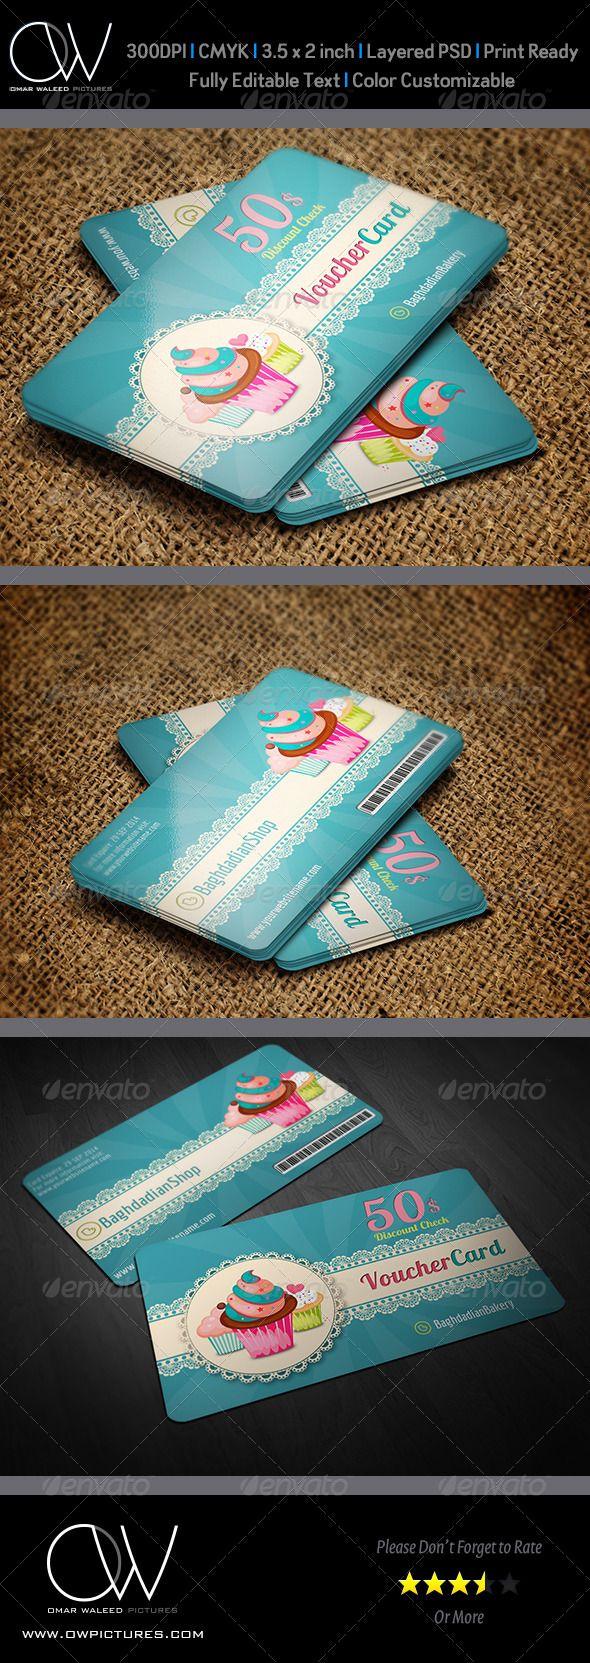 Cake Shop Voucher Gift Card Template